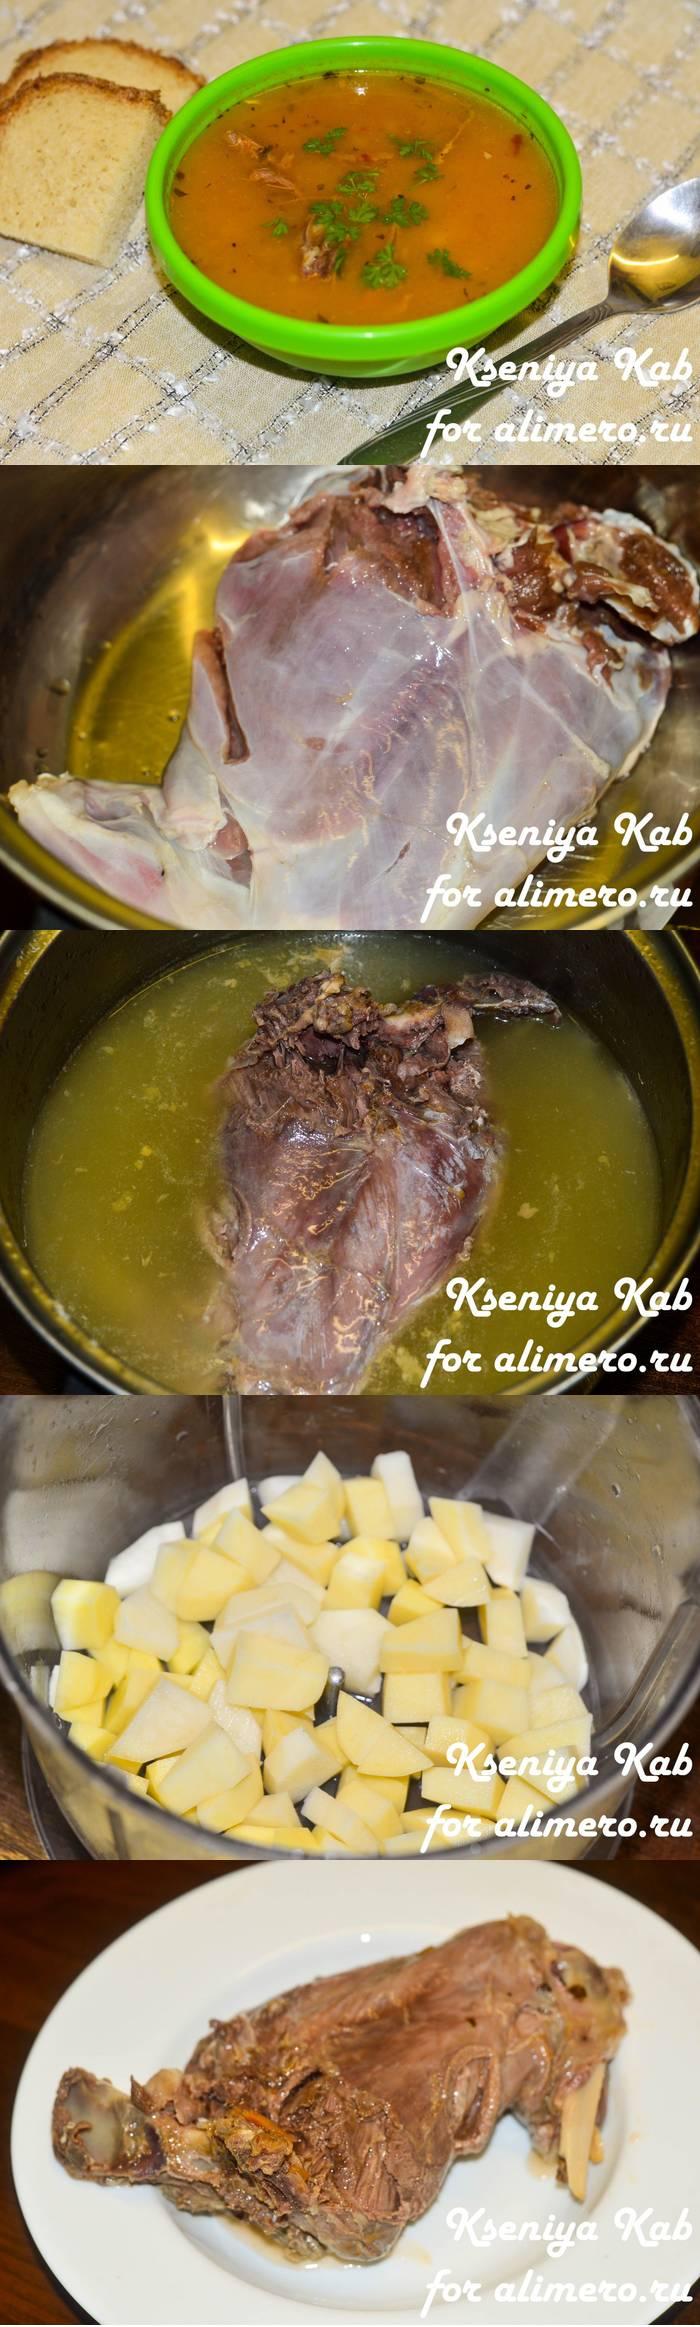 Приготовление дичи - суп с зайчатиной